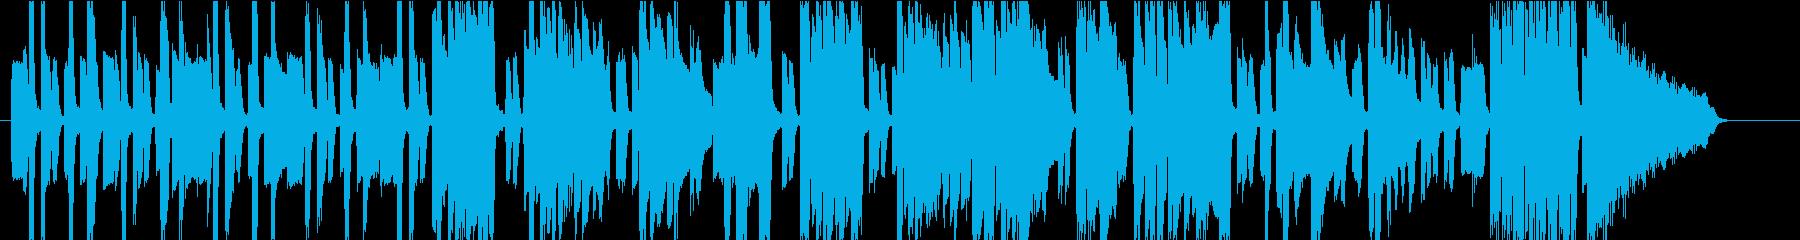 エレピのスウィング・ファンクの再生済みの波形